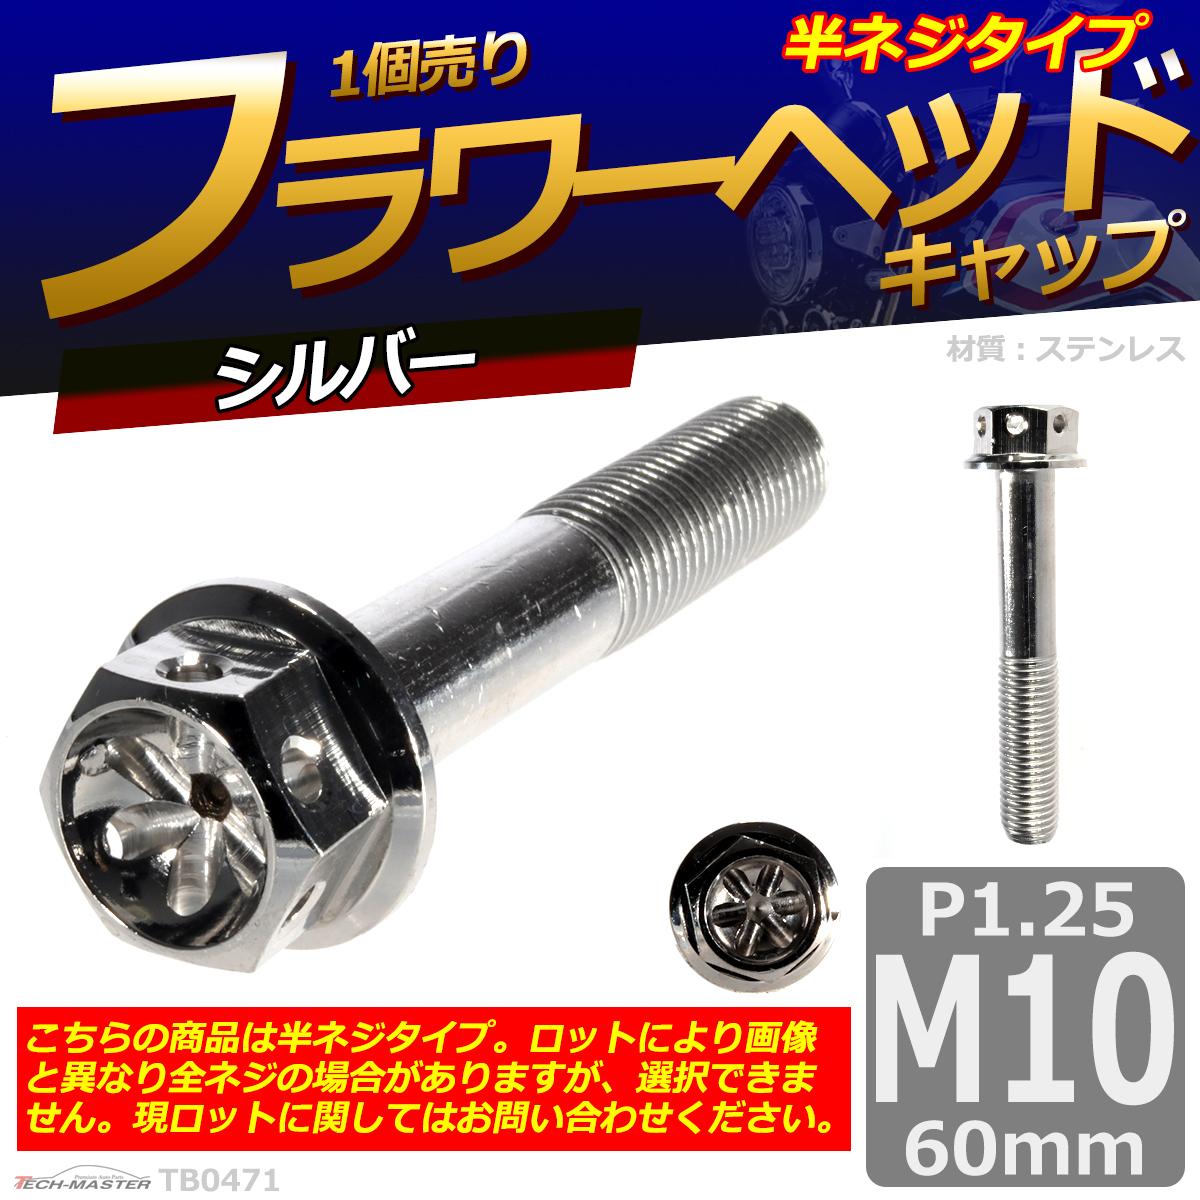 M10×60mm P1.25 フラワーヘッド キャップボルト ステンレス 車/バイク/自転車 ドレスアップ シルバー 1個 TB0471_画像1